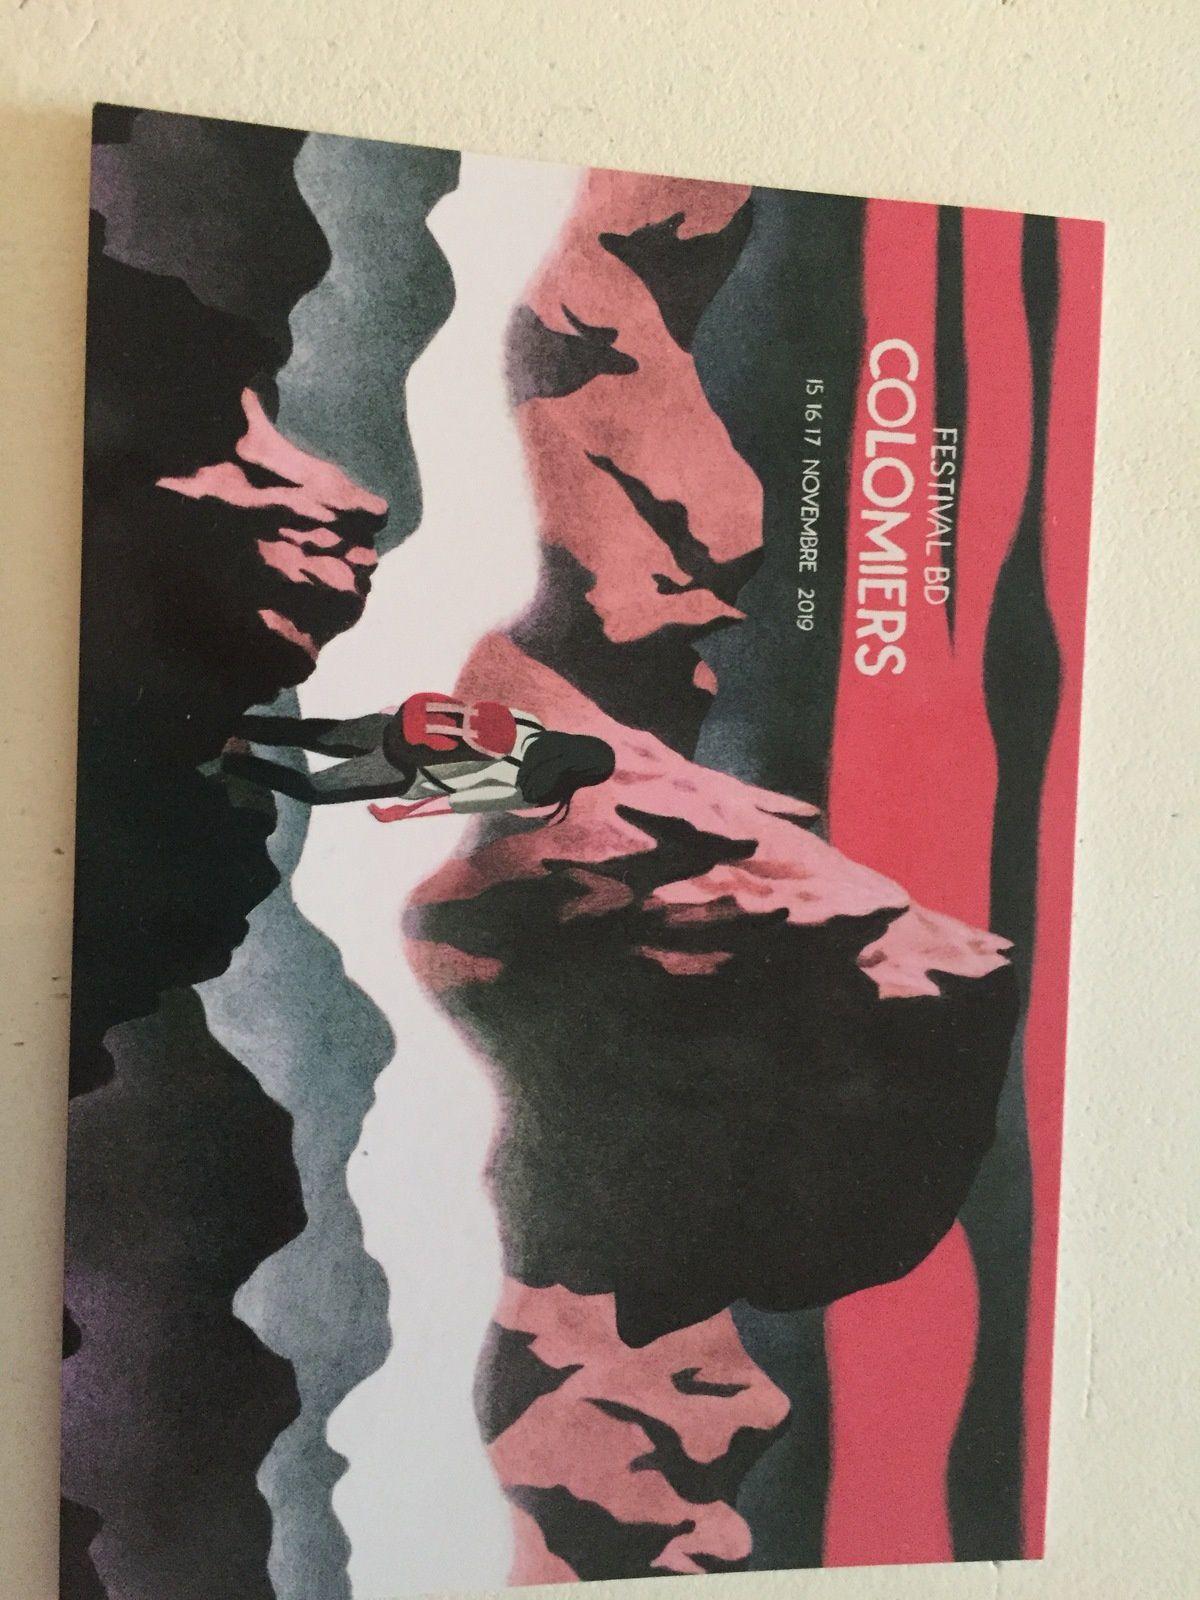 festival BD livres à Colomiers sur charlotteblablablog